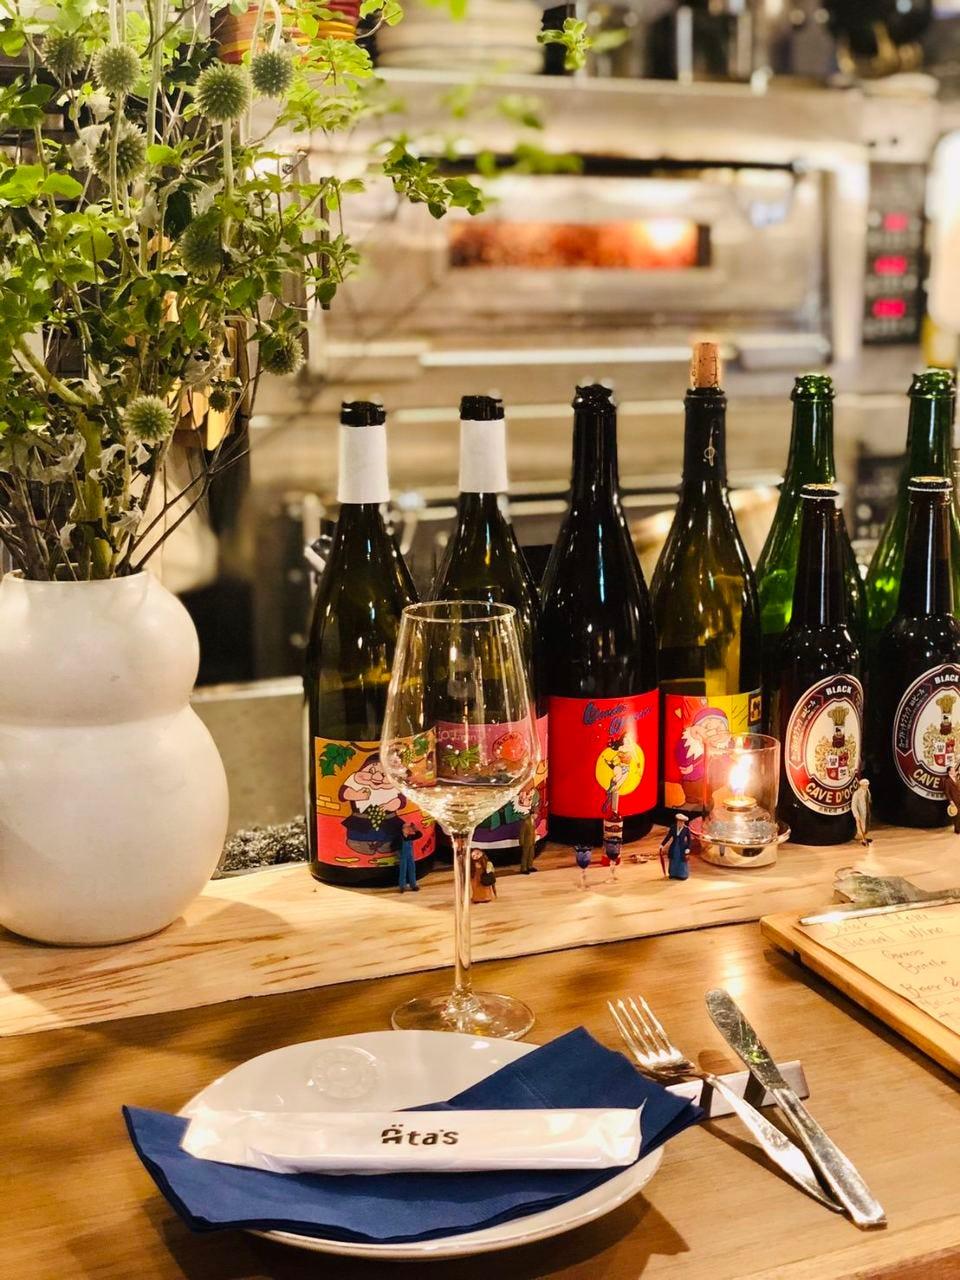 2種あい盛りスパイスカリー+ビール又はグラスワイン